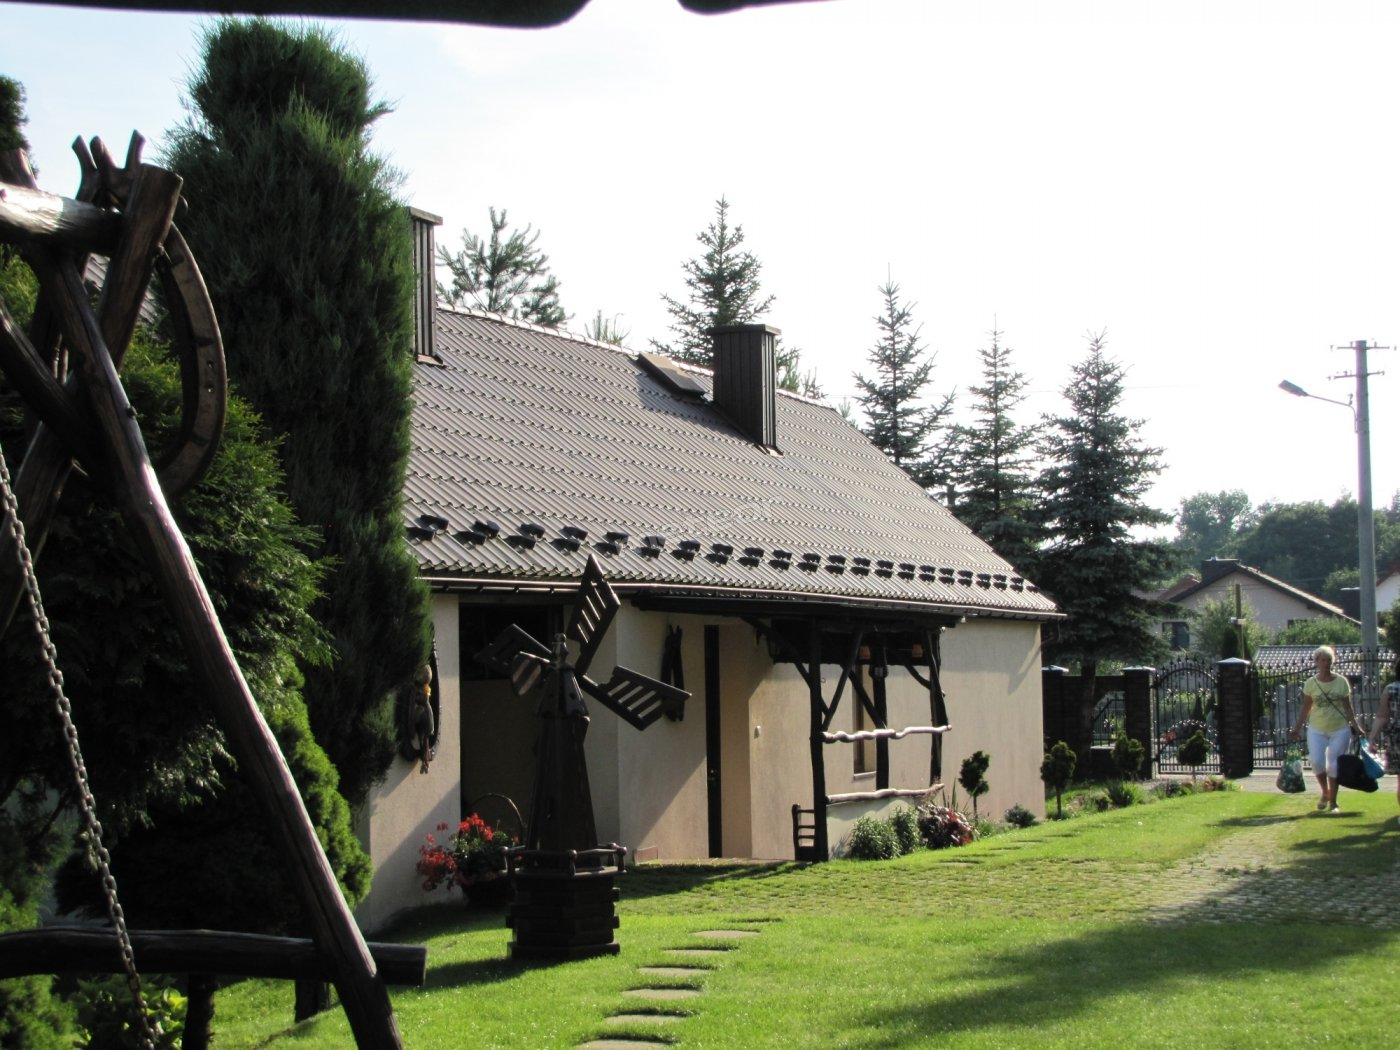 Domek Funi w Golczowicach